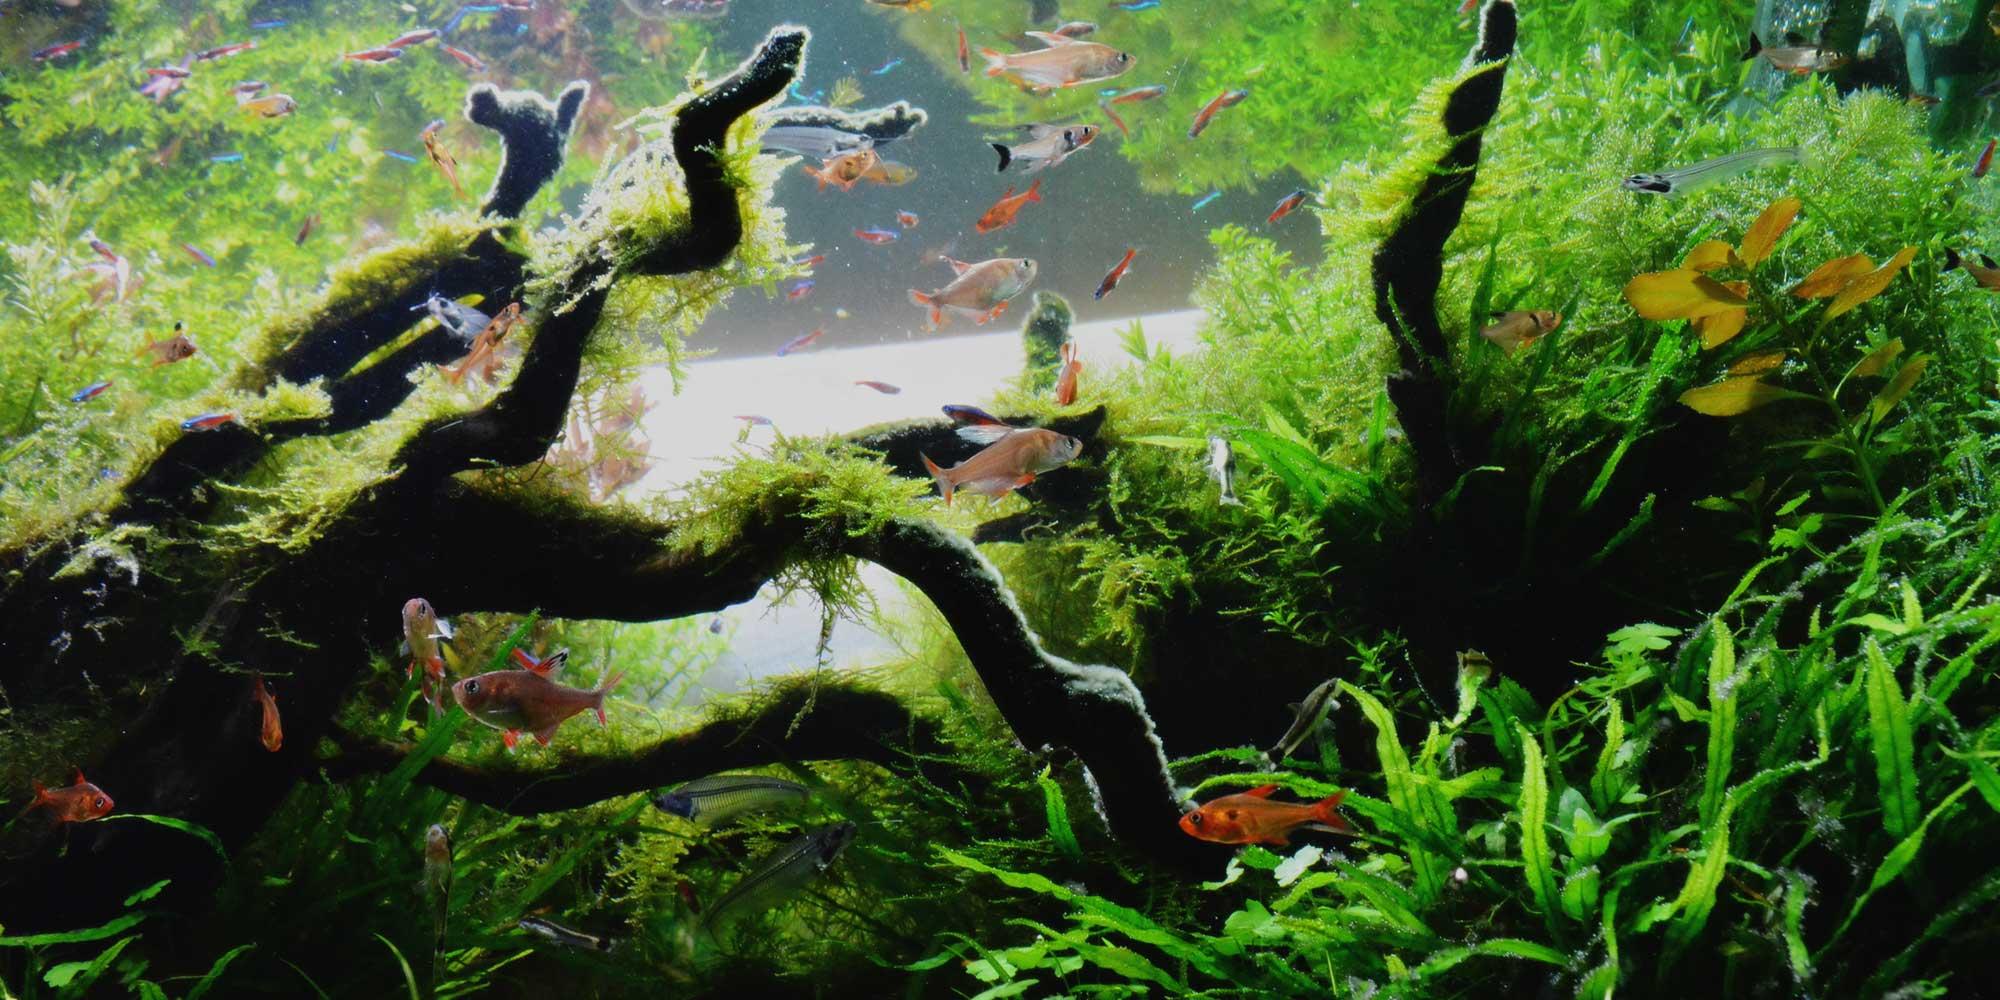 熱帯魚 アクアリウム ミッキーマウスプラティ ネオンテトラ